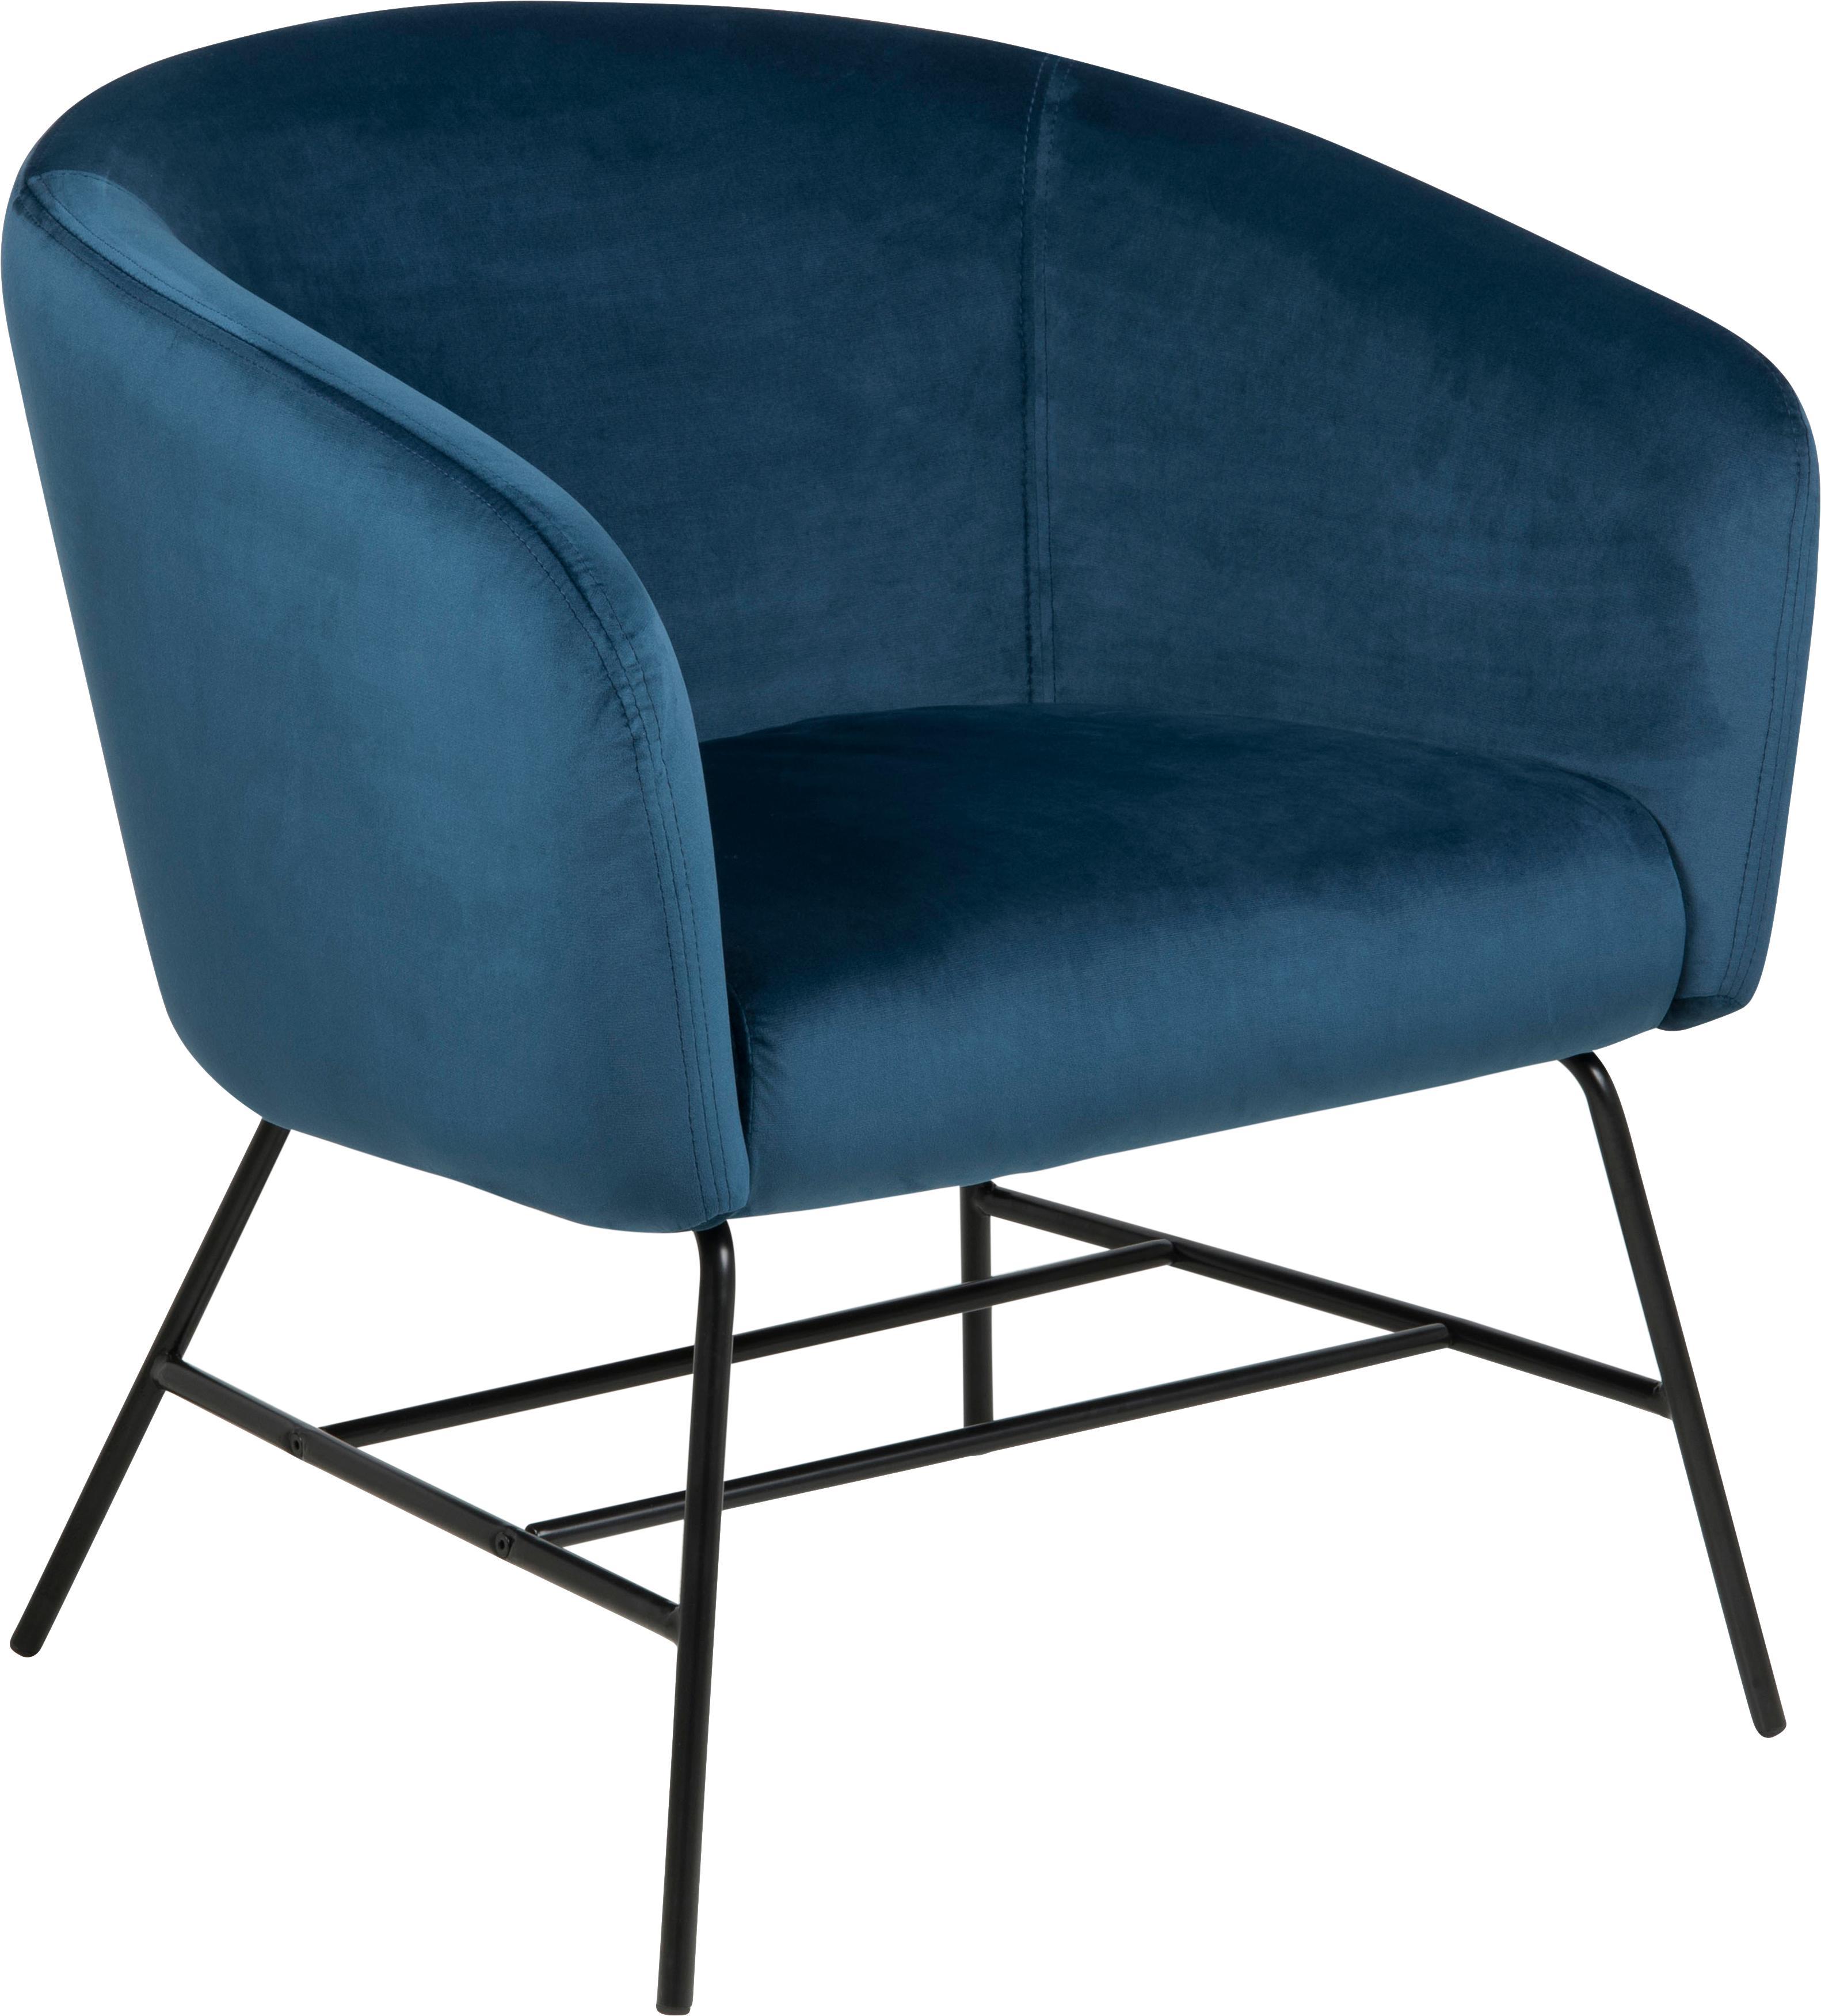 Moderner Samt-Cocktailsessel Ramsey in Blau, Bezug: Polyestersamt 25.000 Sche, Beine: Metall, lackiert, Samt Marineblau, B 72 x T 67 cm